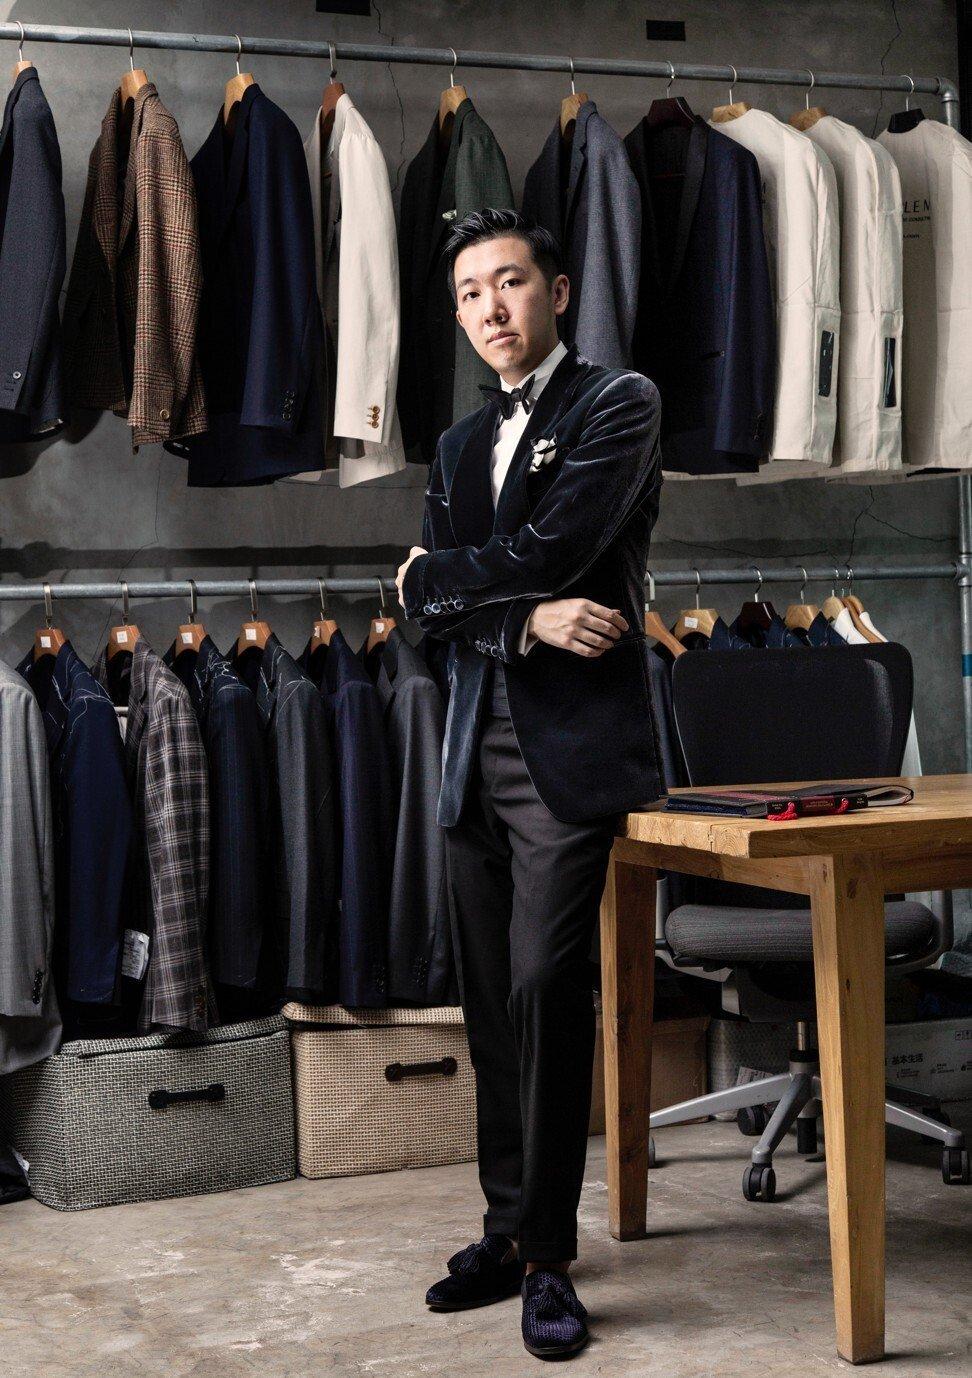 Giới trẻ Trung Quốc bỏ việc công sở, khát khao kiếm tiền qua mạng